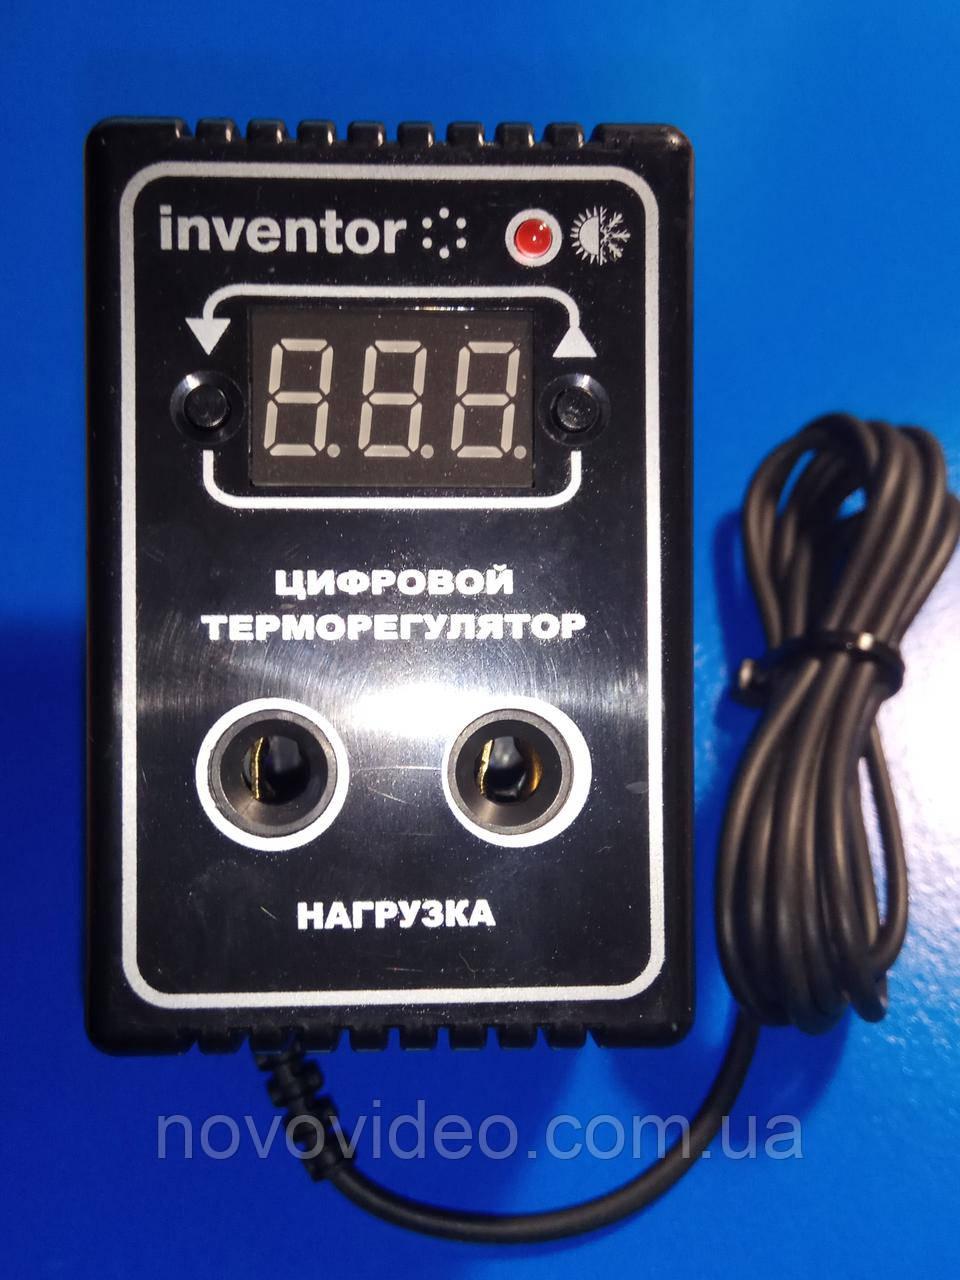 Цифровой терморегулятор Inventor на два температурных предела 10А